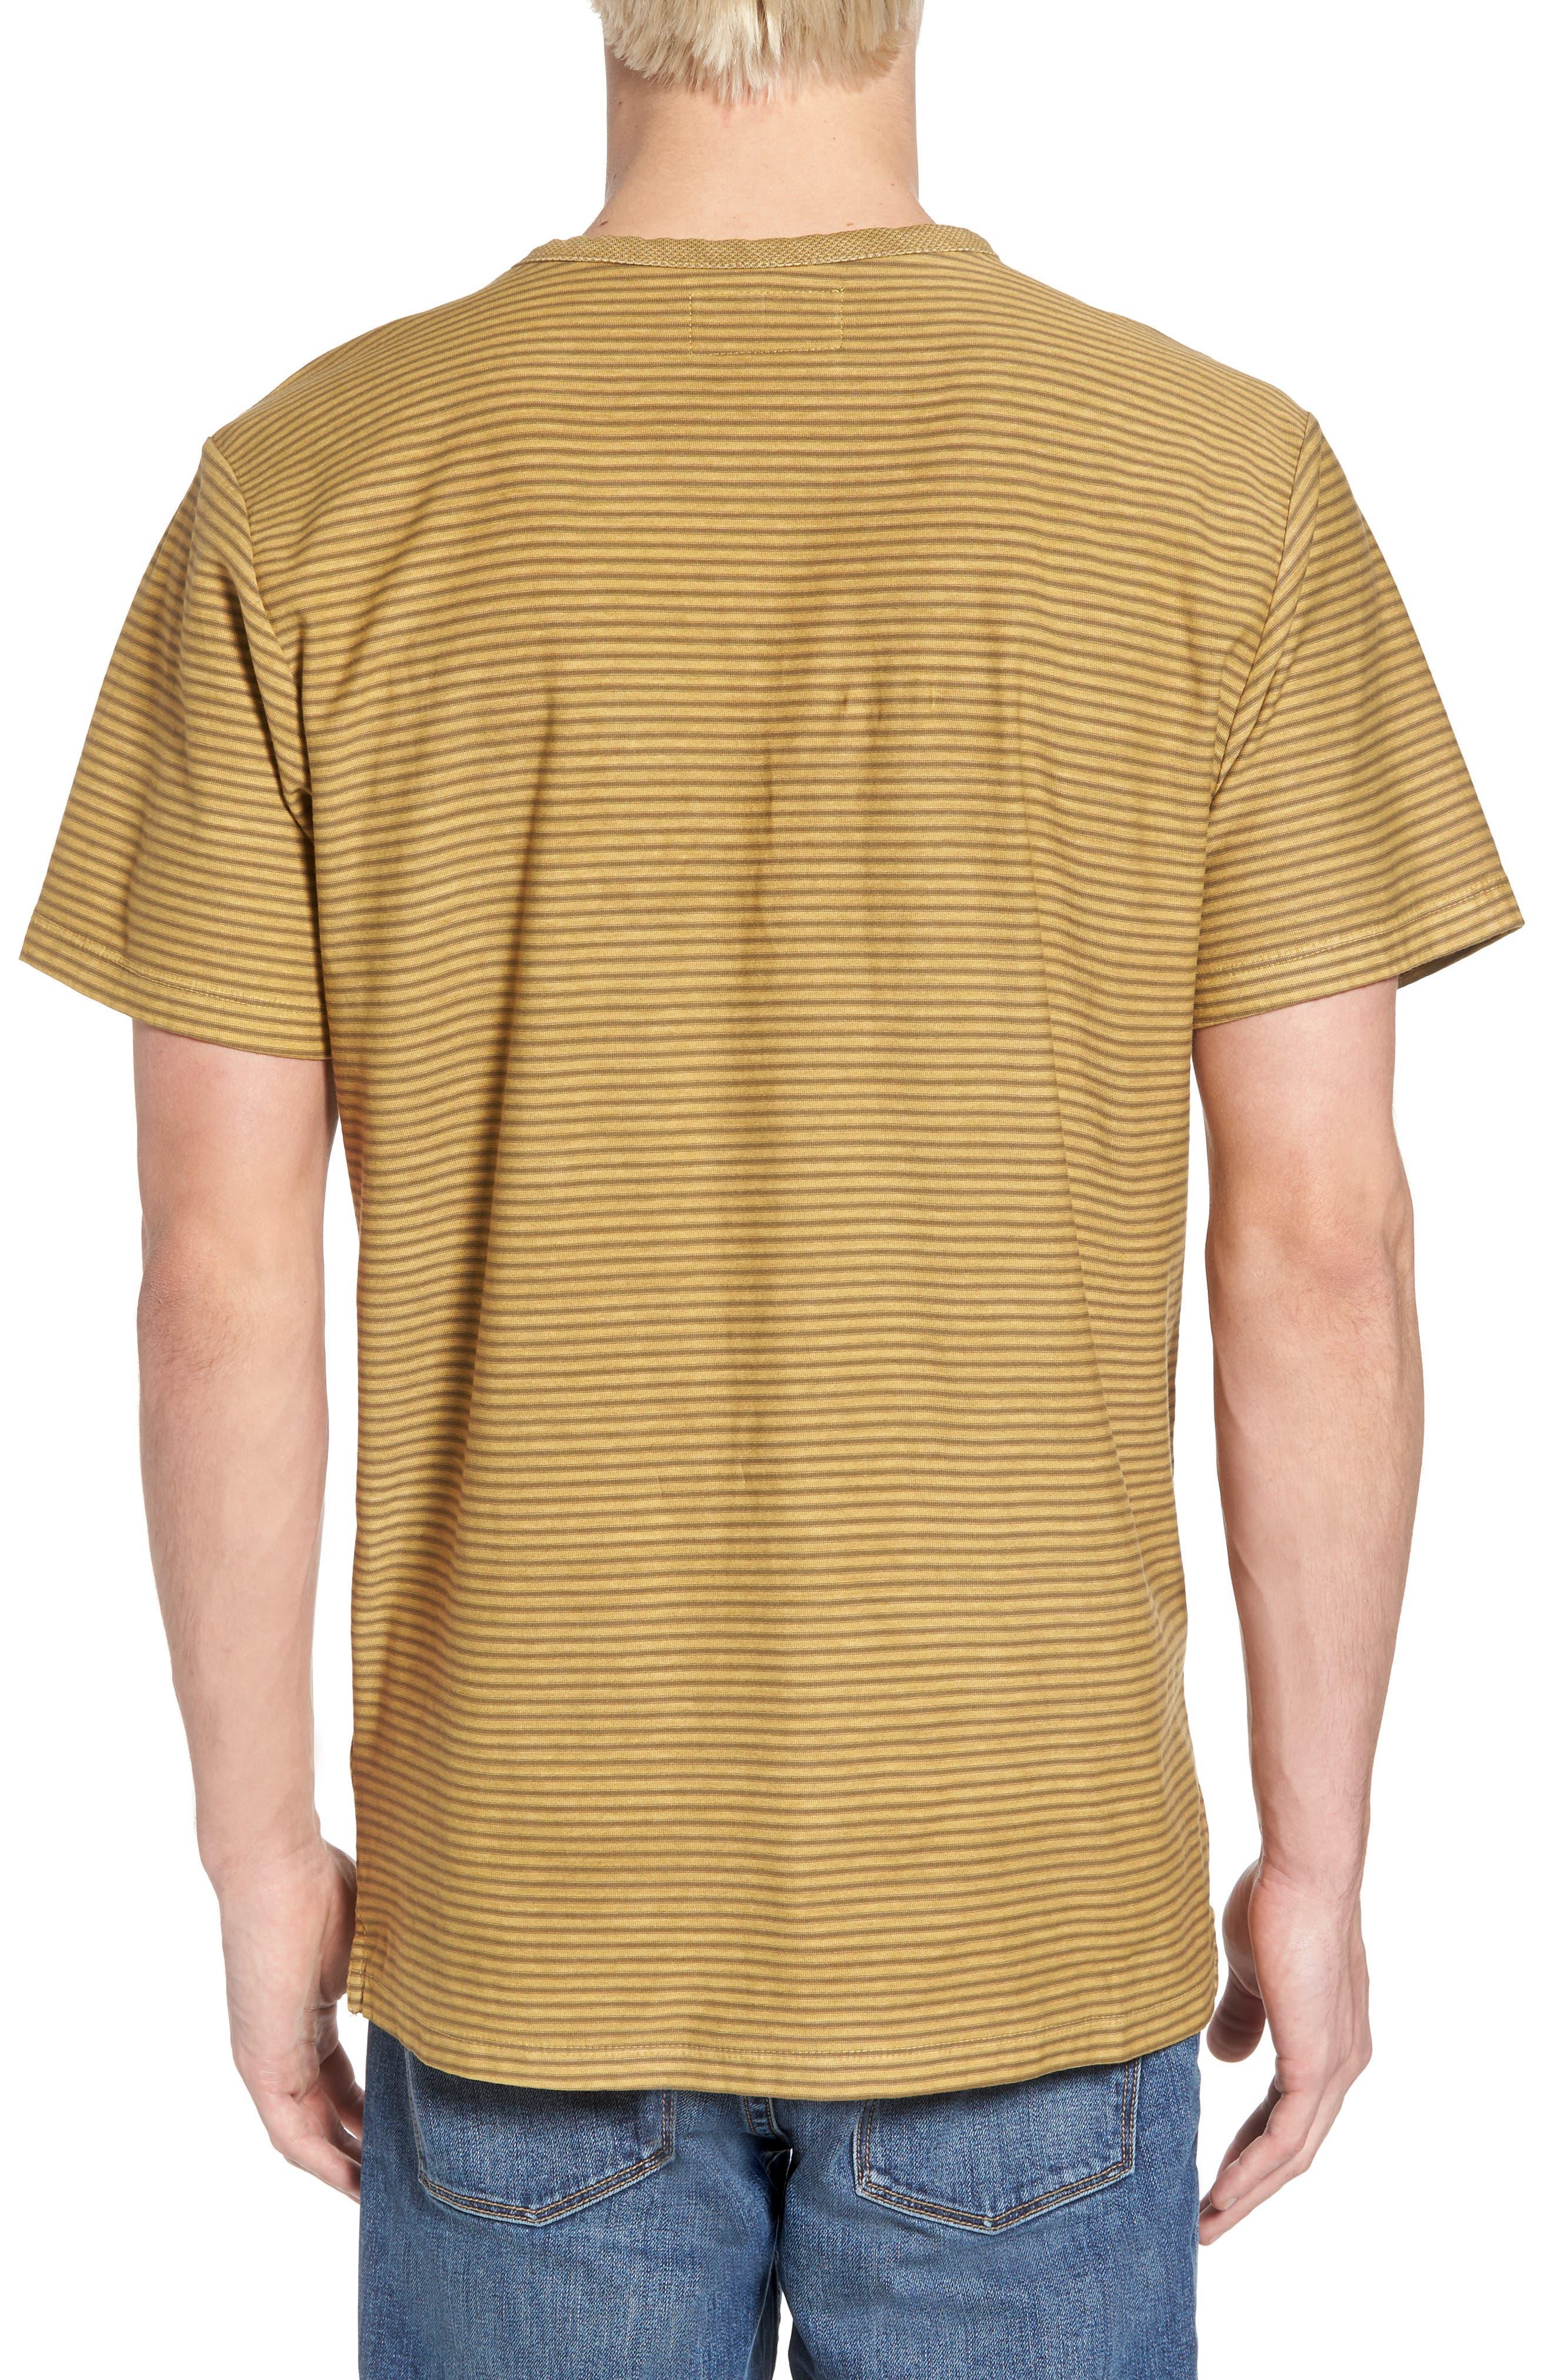 Stringer T-Shirt,                             Alternate thumbnail 4, color,